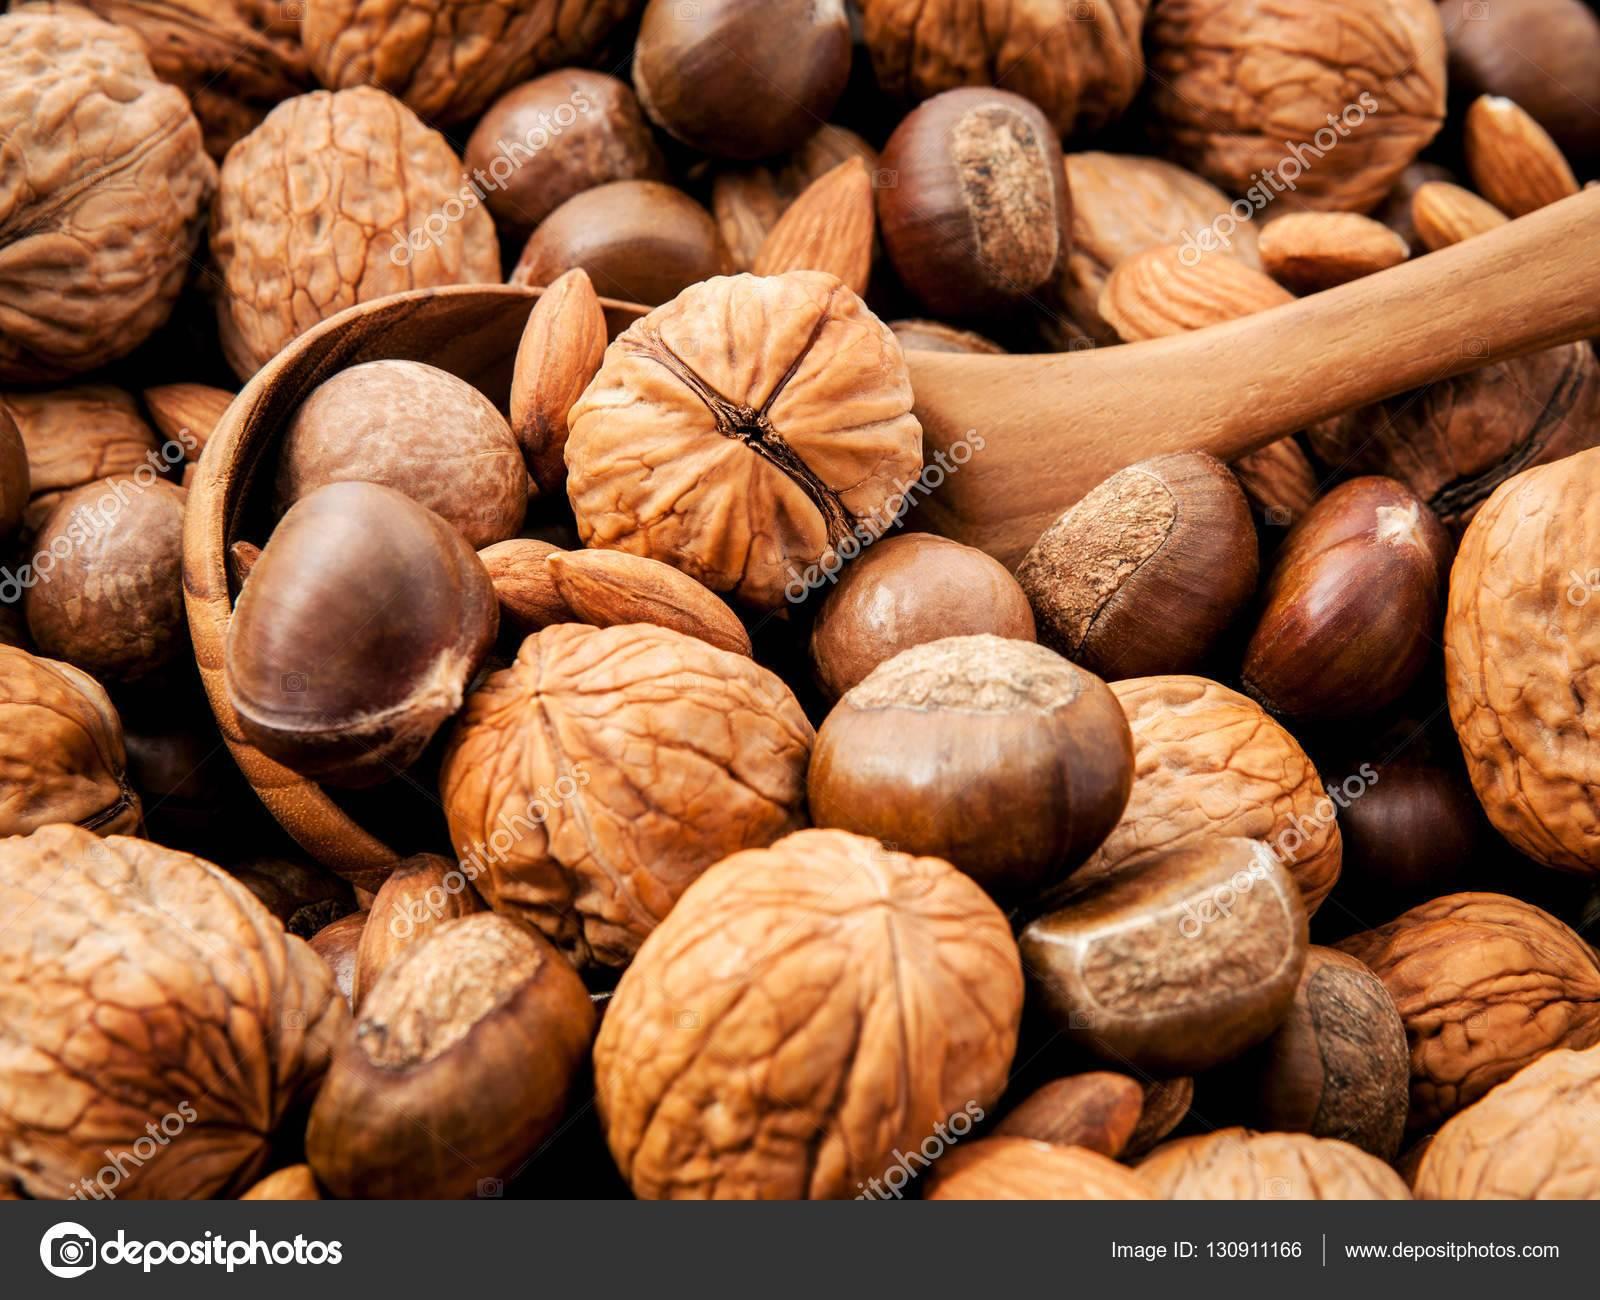 Виды орехов: список названий с описанием полезных свойств | food and health